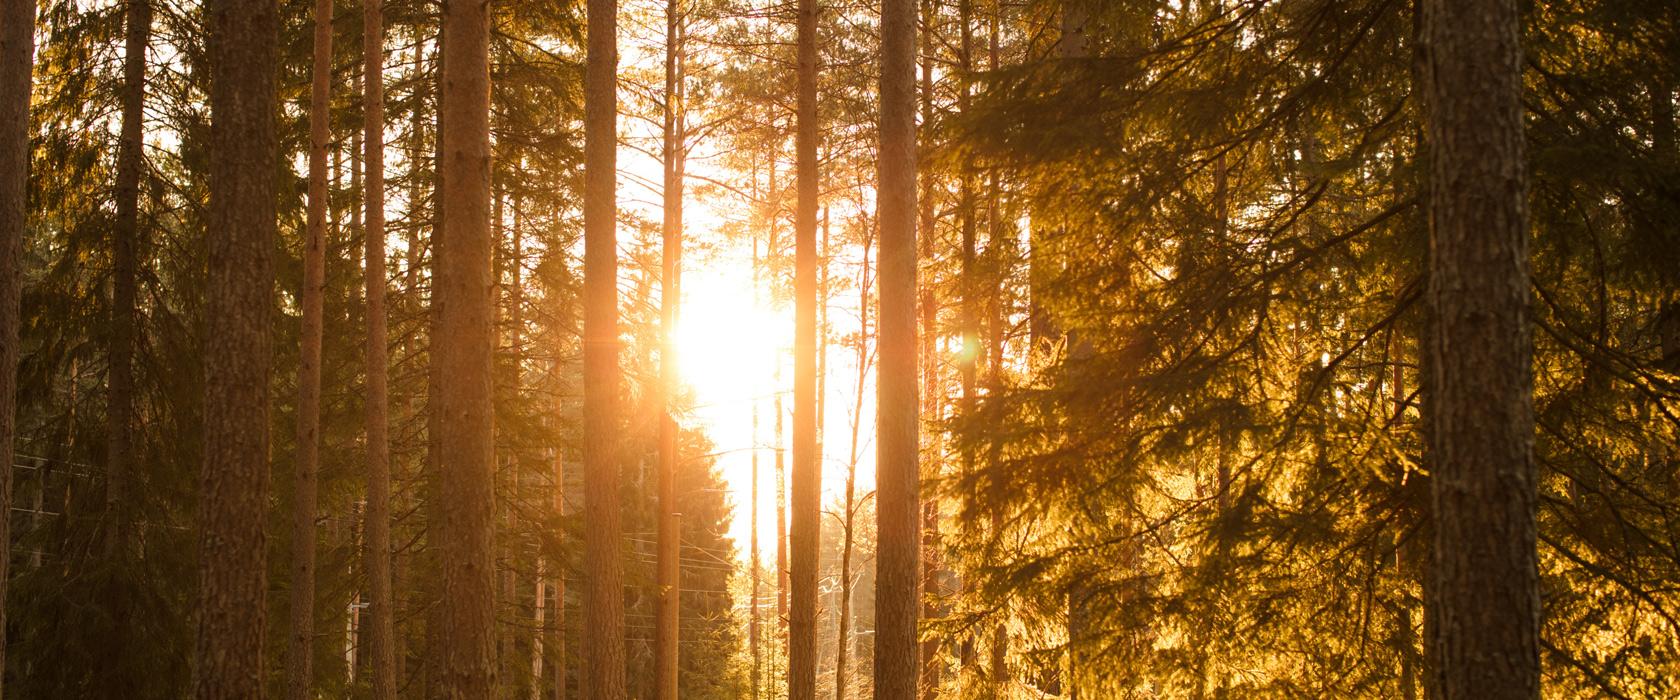 Norsk skog i solnedgang.